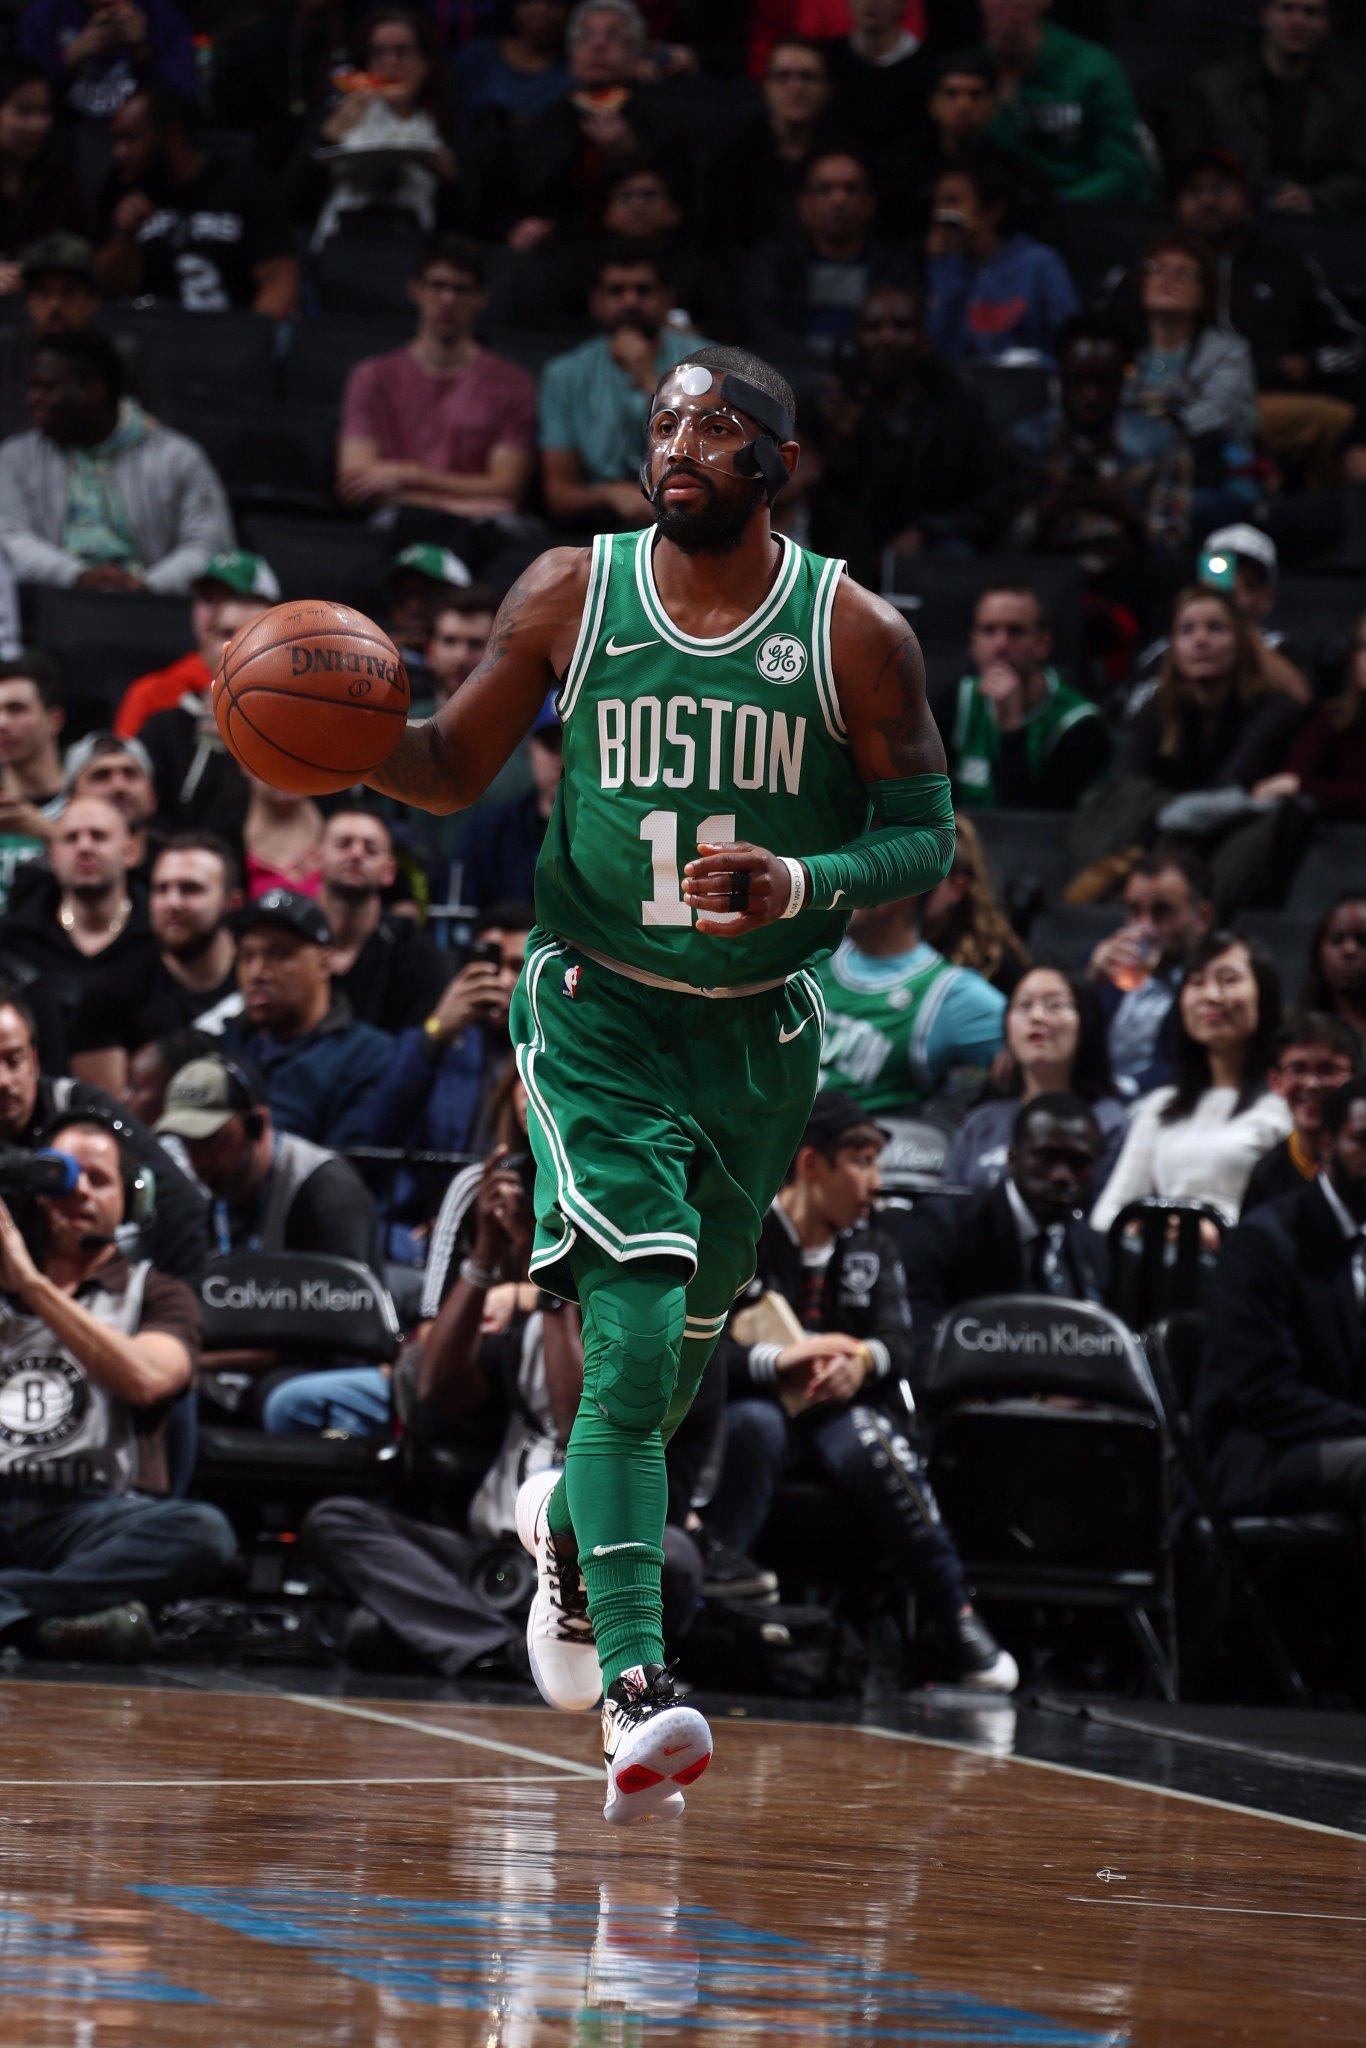 Mask on. #Celtics https://t.co/sje6OyASqu